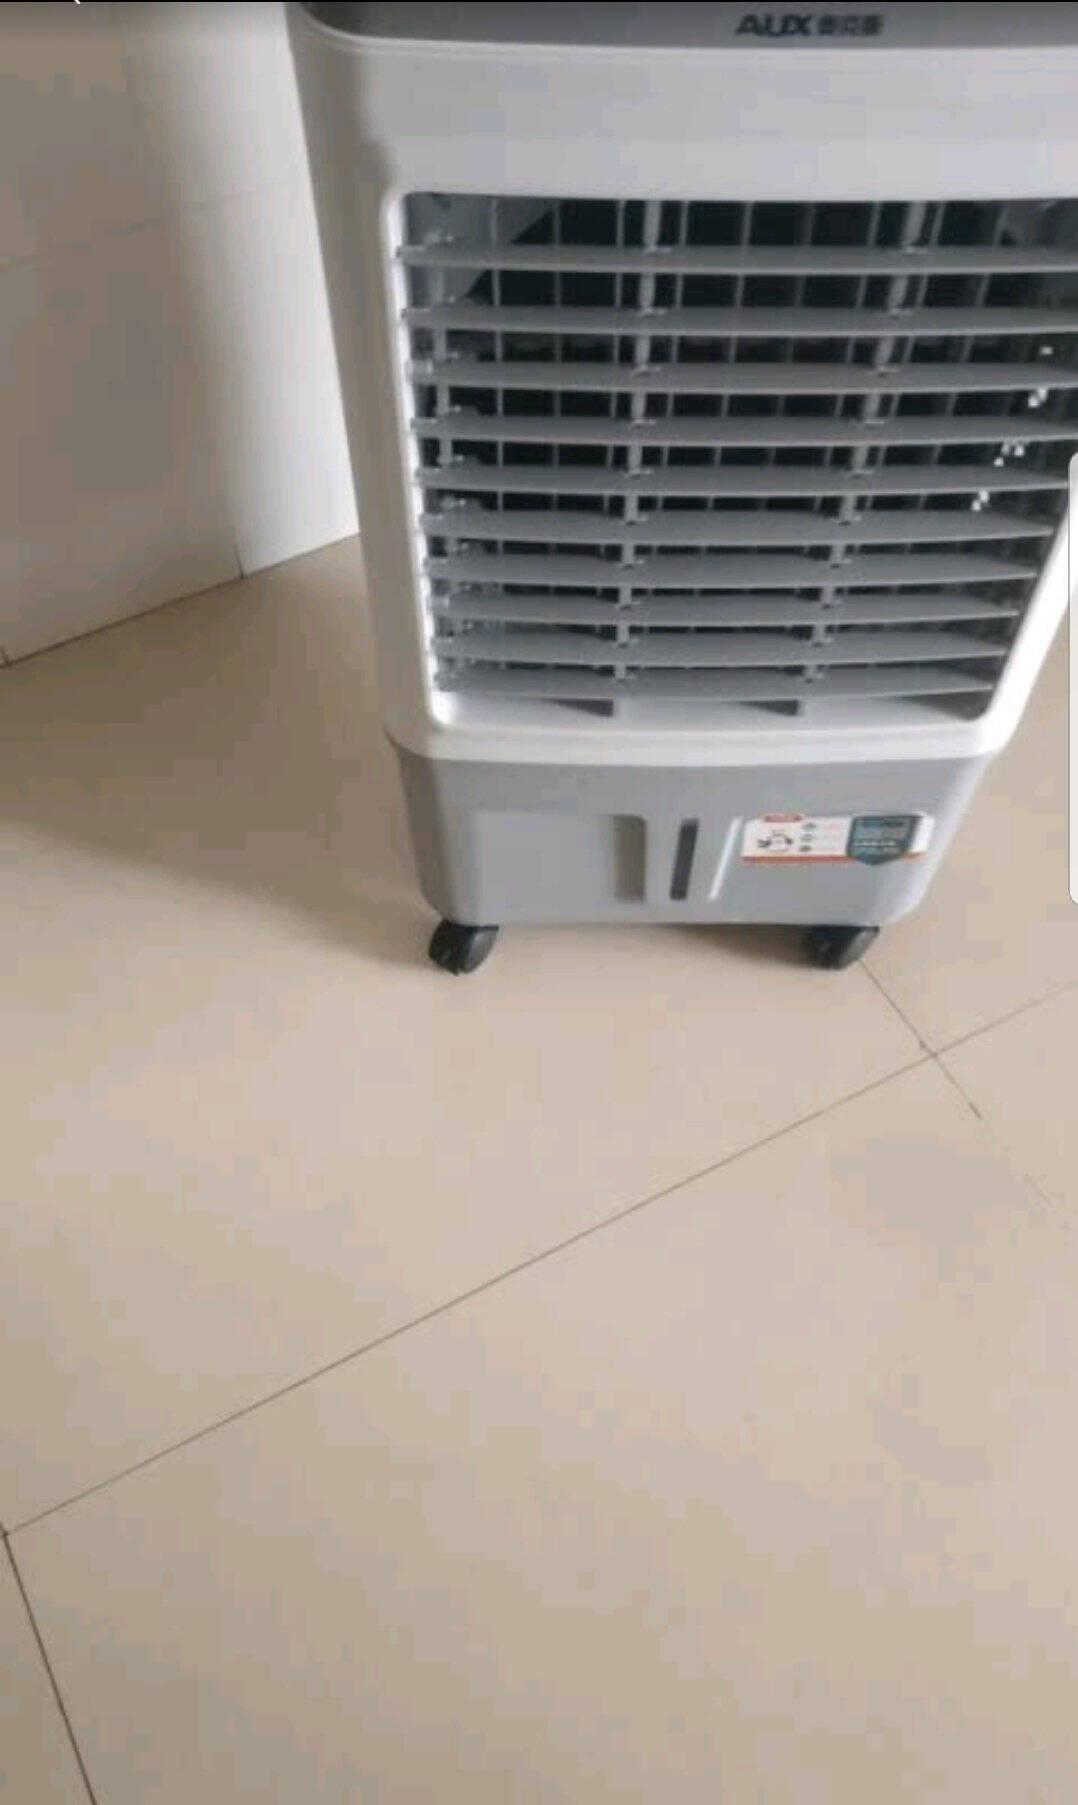 奥克斯工业冷风扇空调扇移动商用空调扇单冷制冷器水冷空调商用冷风机FLS-838A(150W6000风量30L大水箱)838A